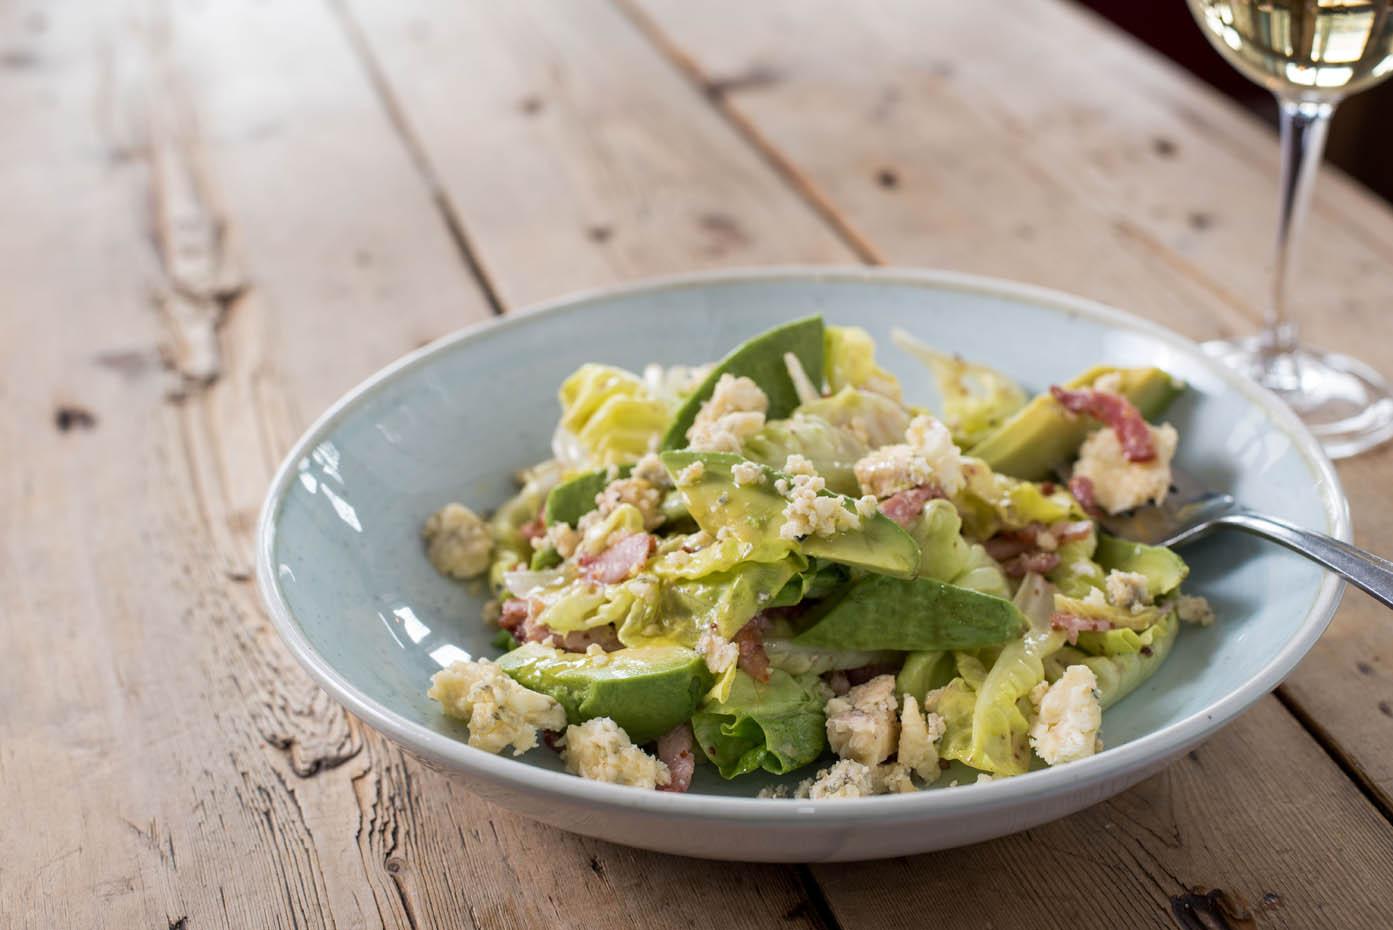 Livelyhood-Salad-Clapham-Mere Scribbler